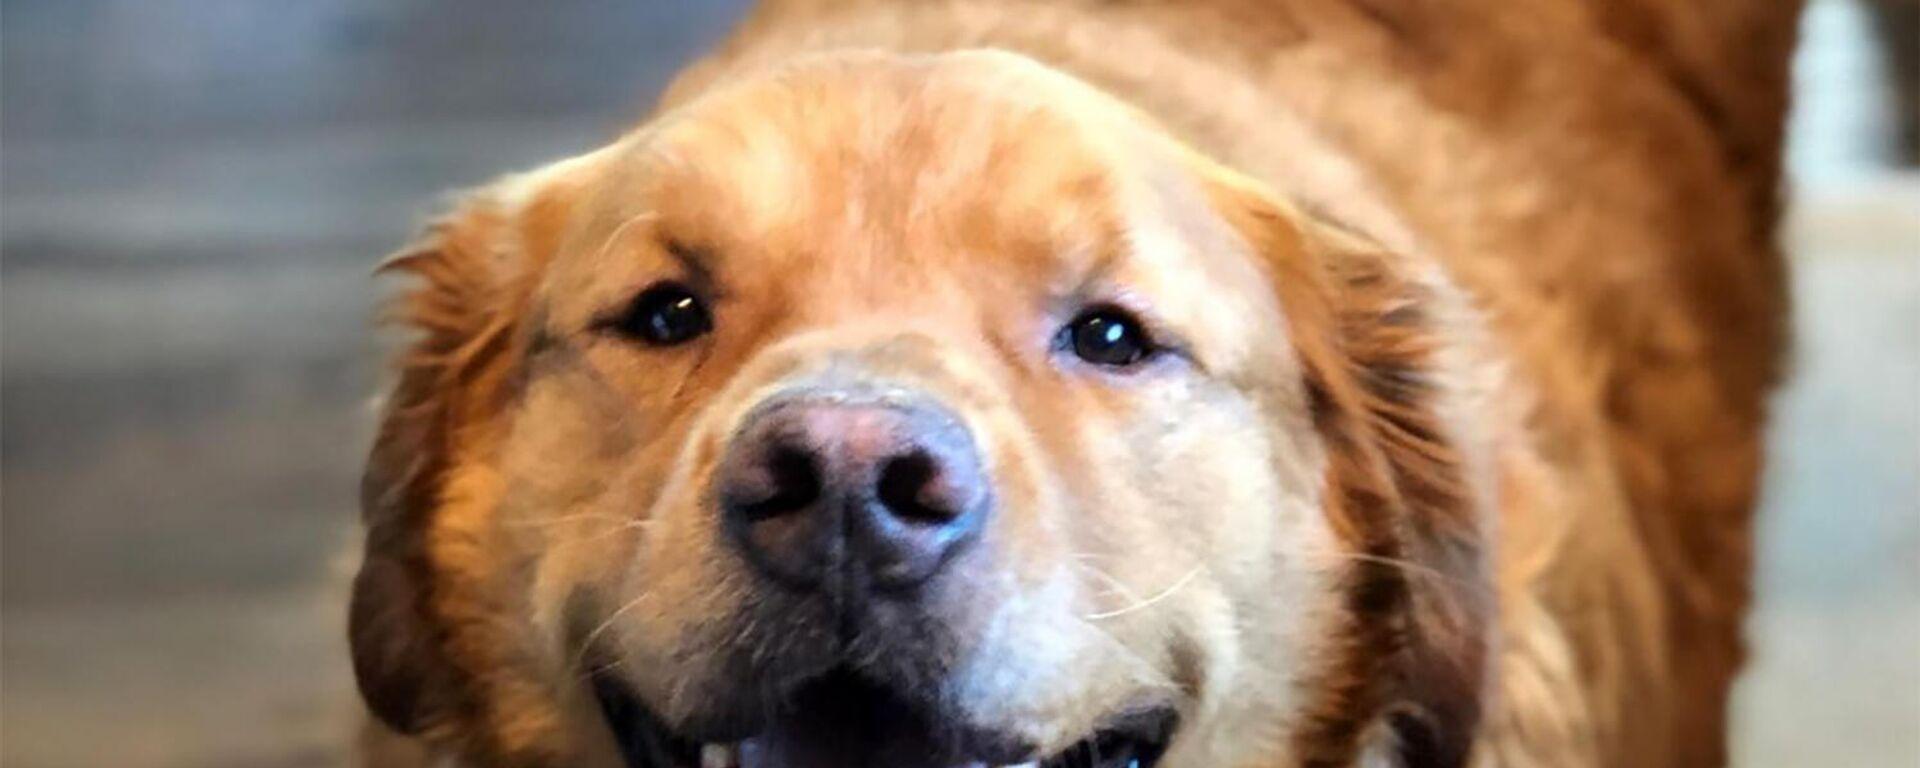 Γκόλντεν ριτρίβερ 68 κιλών: Υπέρβαρος σκυλάκος έχασε το μισό του βάρος και κέρδισε πίσω τη ζωή του - Sputnik Ελλάδα, 1920, 18.07.2021